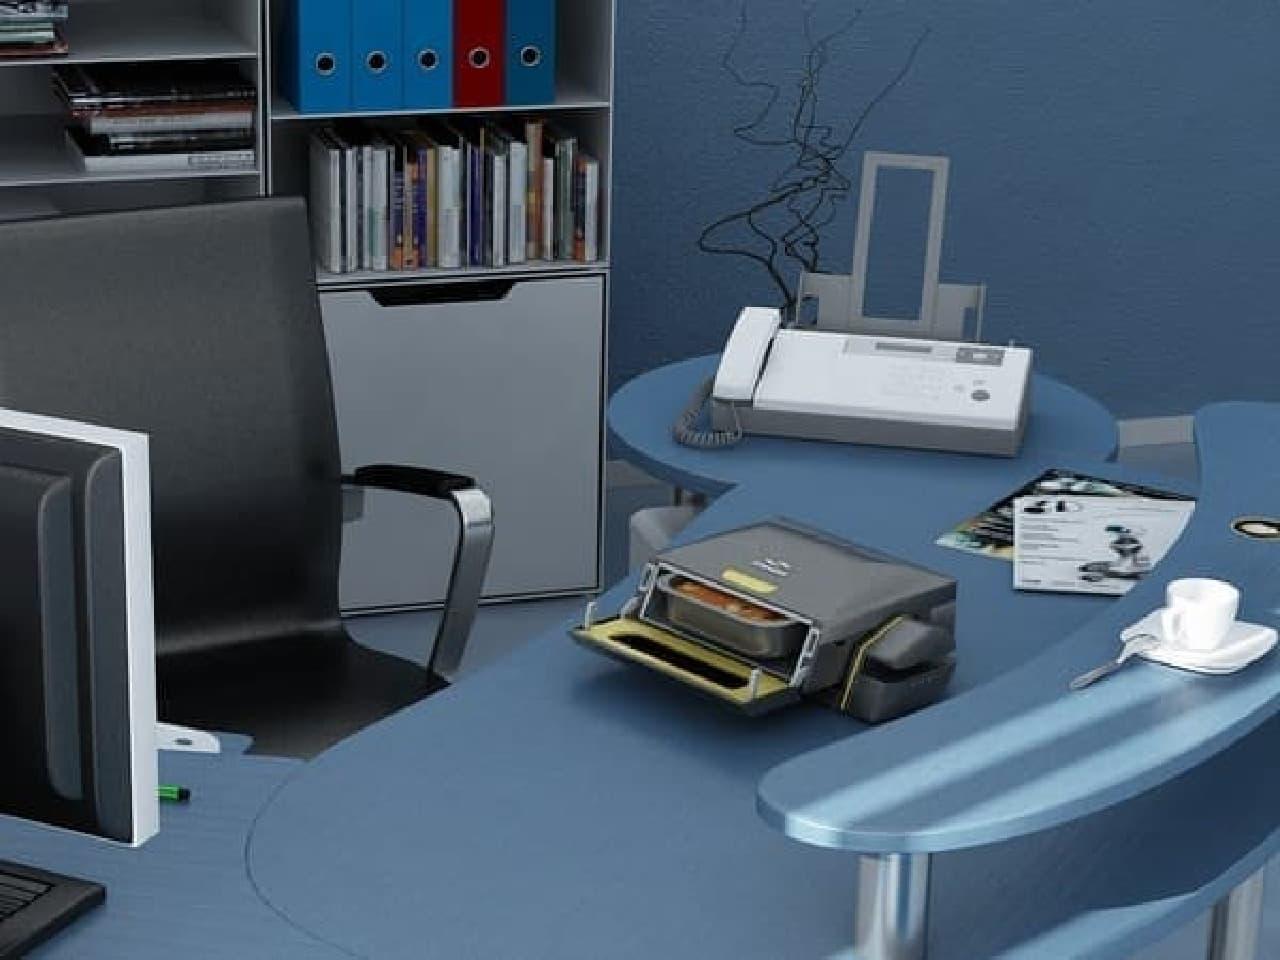 「brainwave」のデザインはオフィスに溶け込むもの  FAX と間違えて、書類を加熱する人もでてきそうです